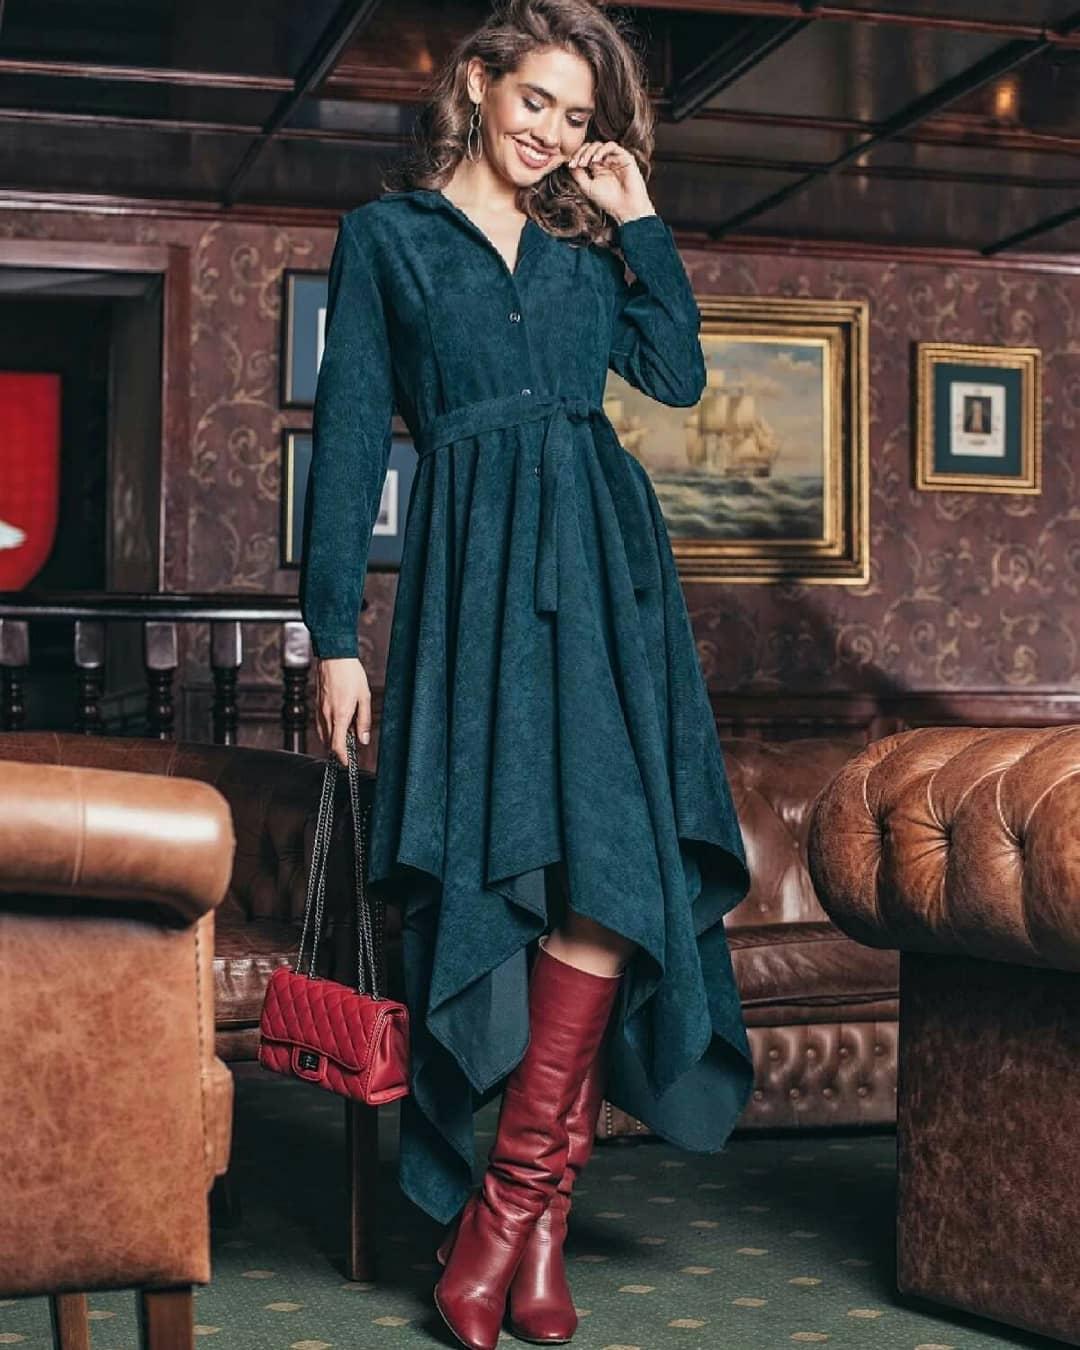 Модные весенние платья 2019 из вельвета, бархата или кожи23